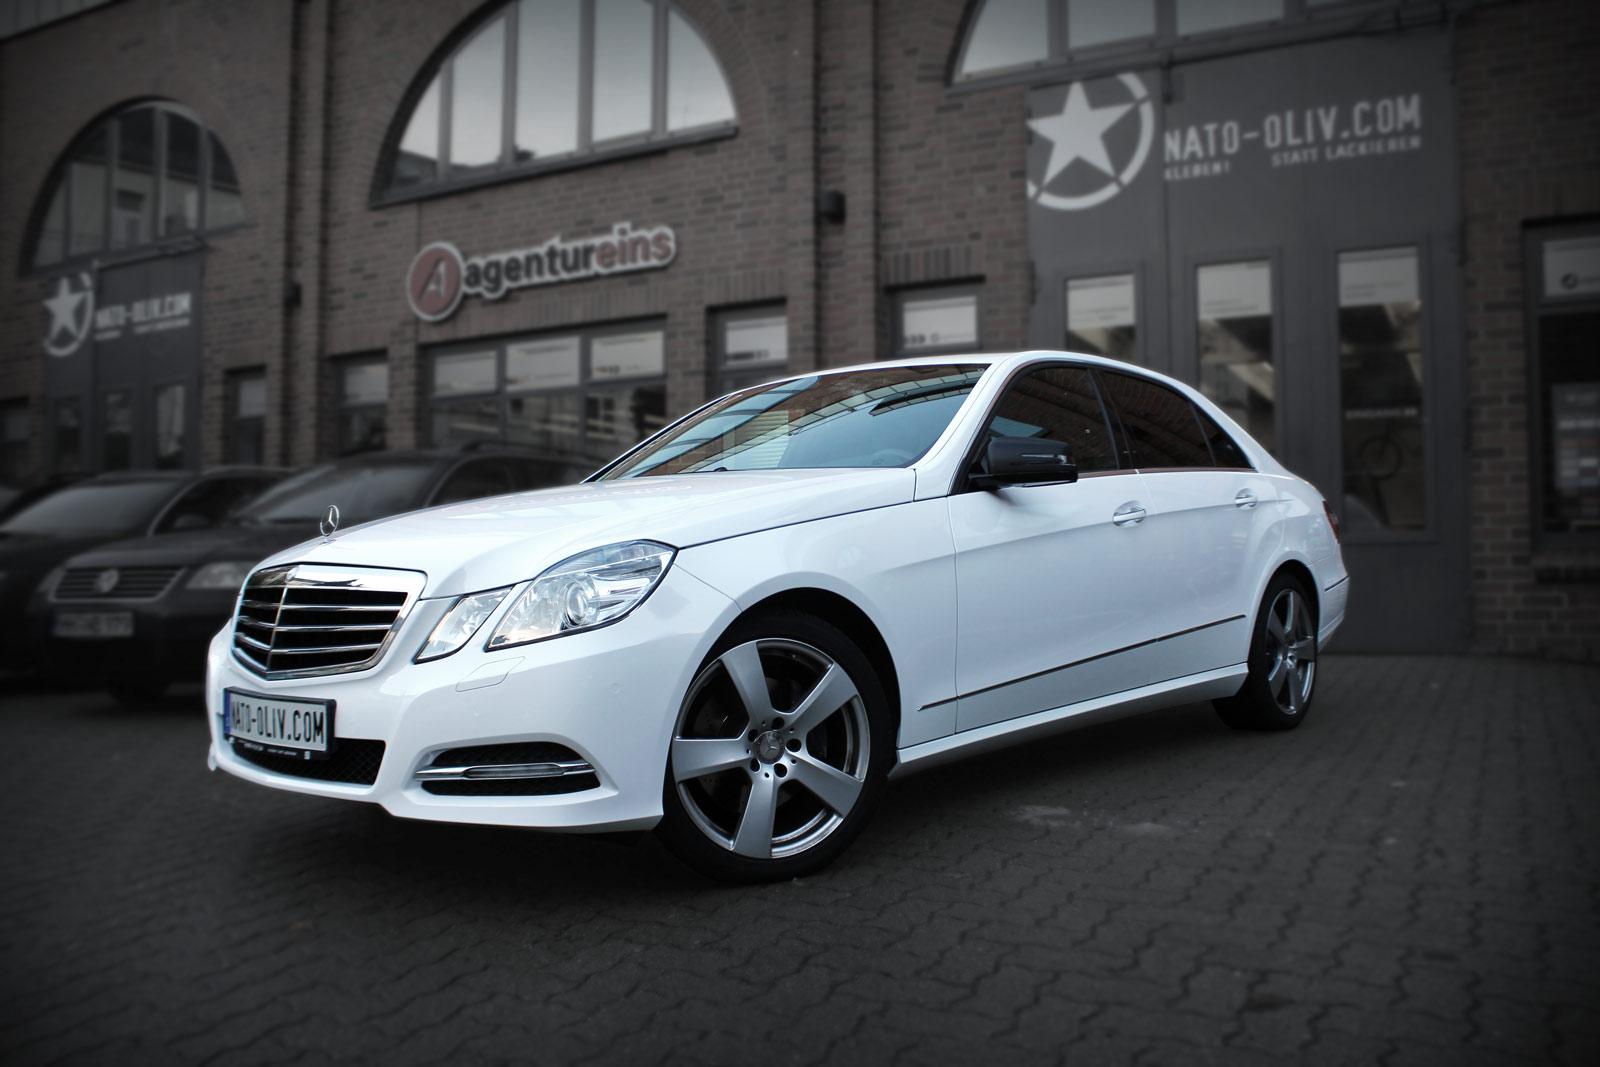 Mercedes E-Klasse in weiß glänzend komplett foliert und mit Carbon an den Spiegeln veredelt.